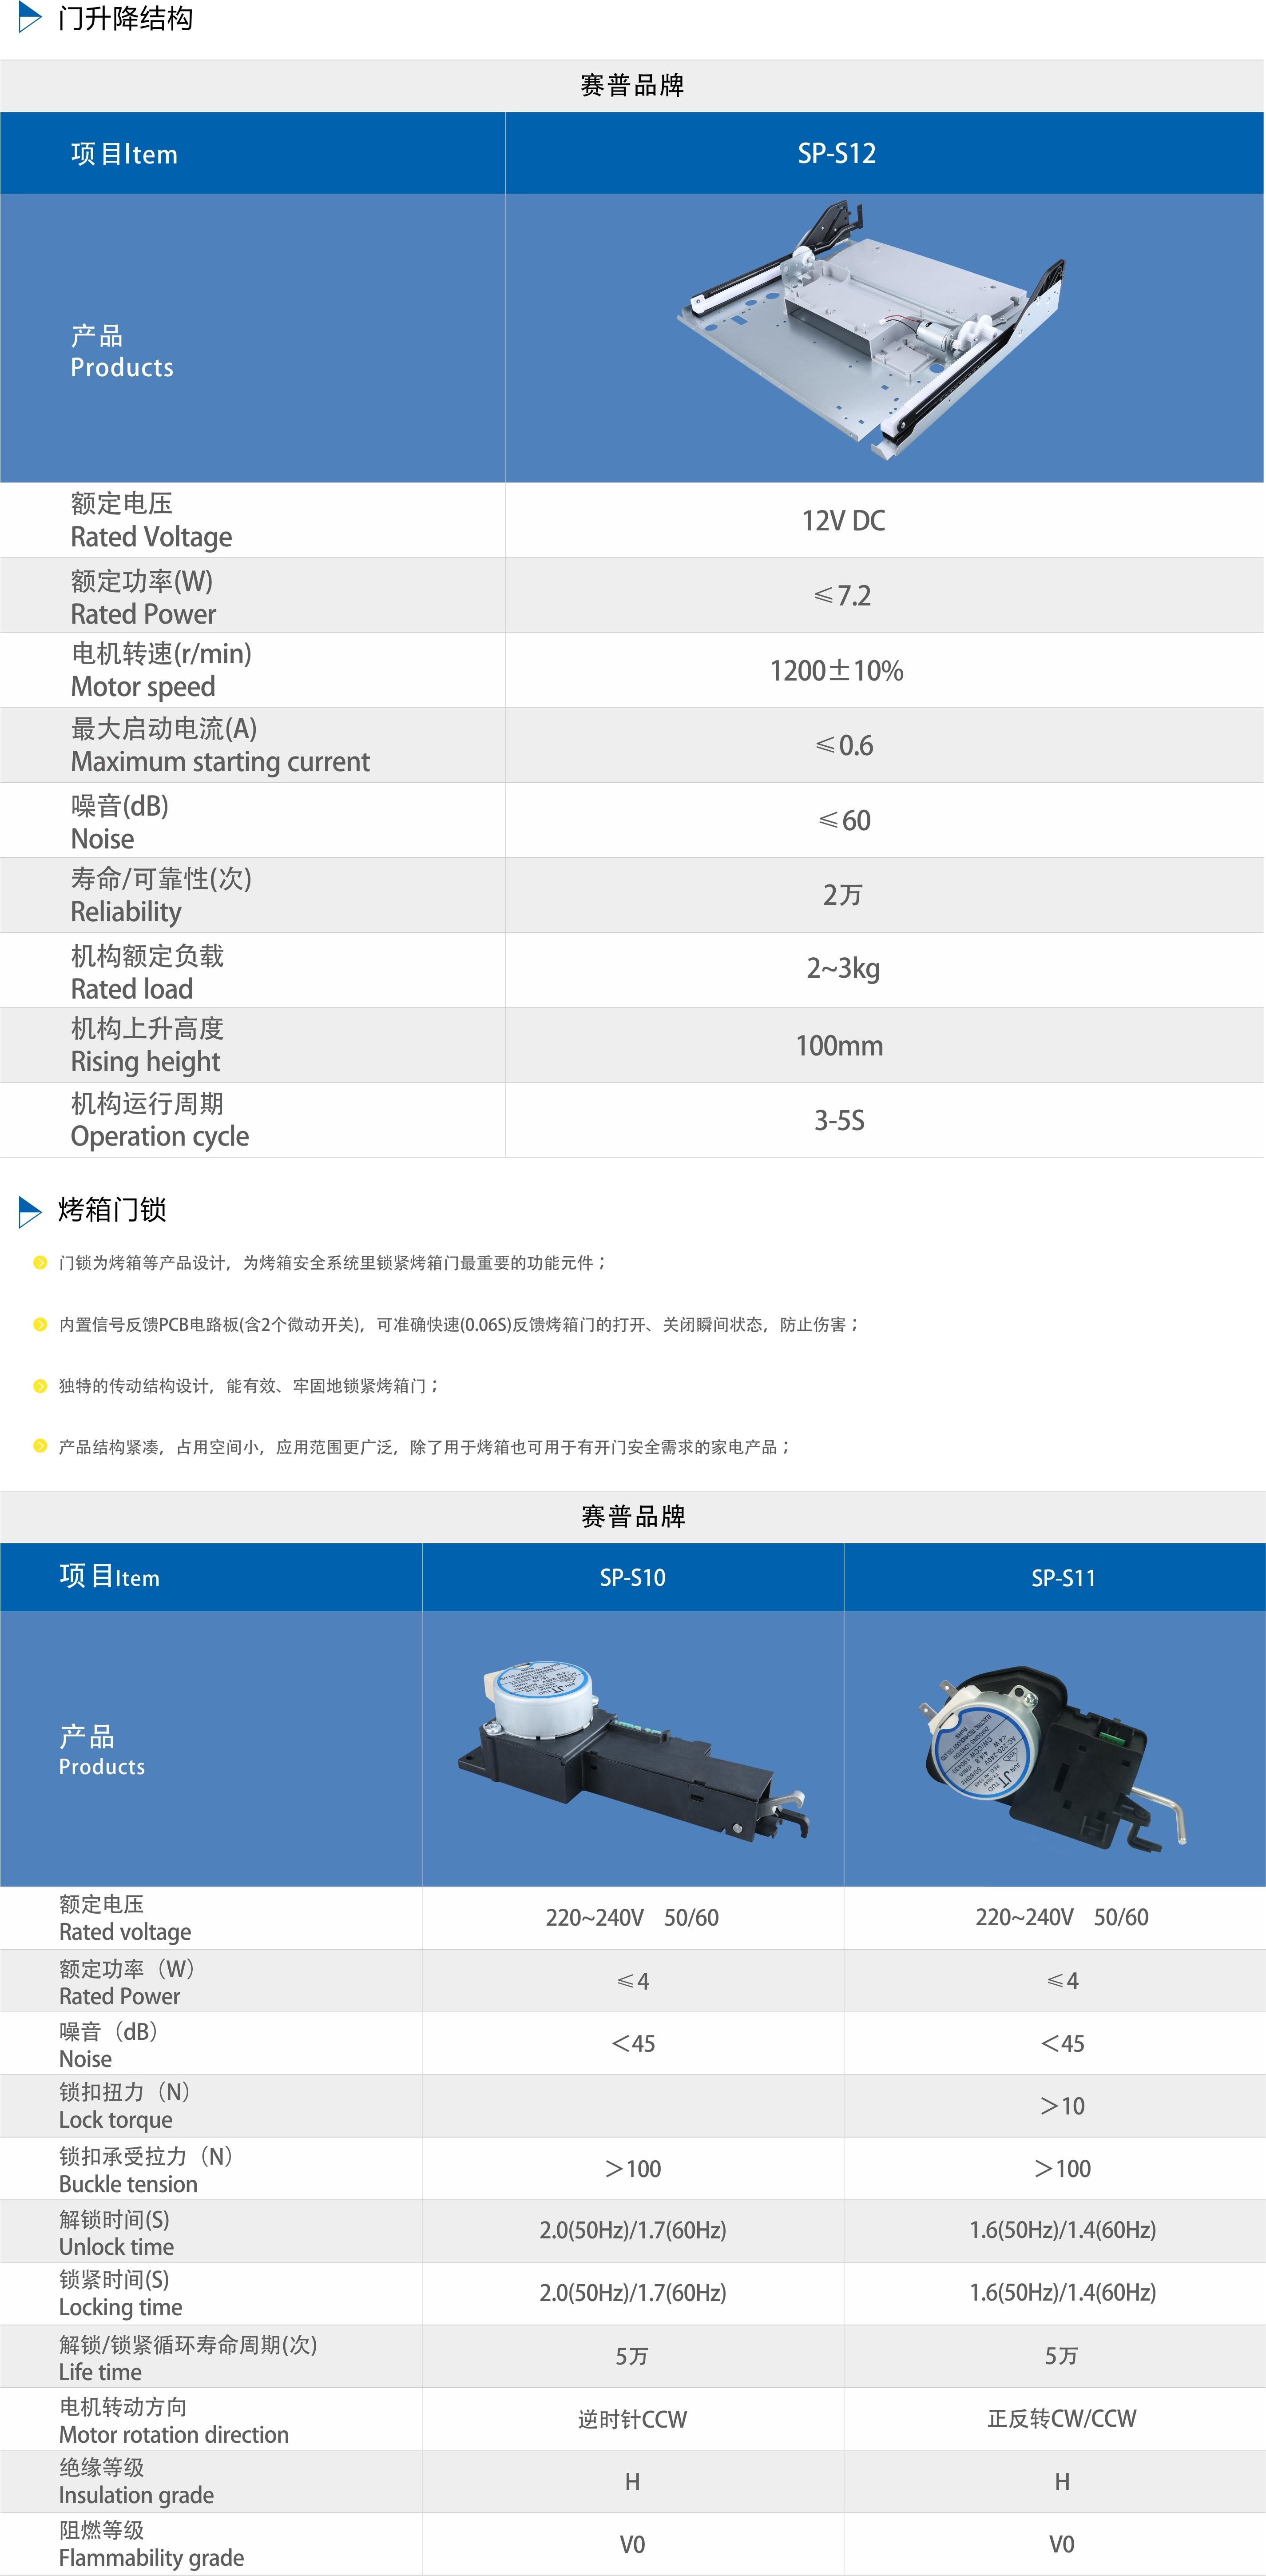 9电动类产品-h.jpg